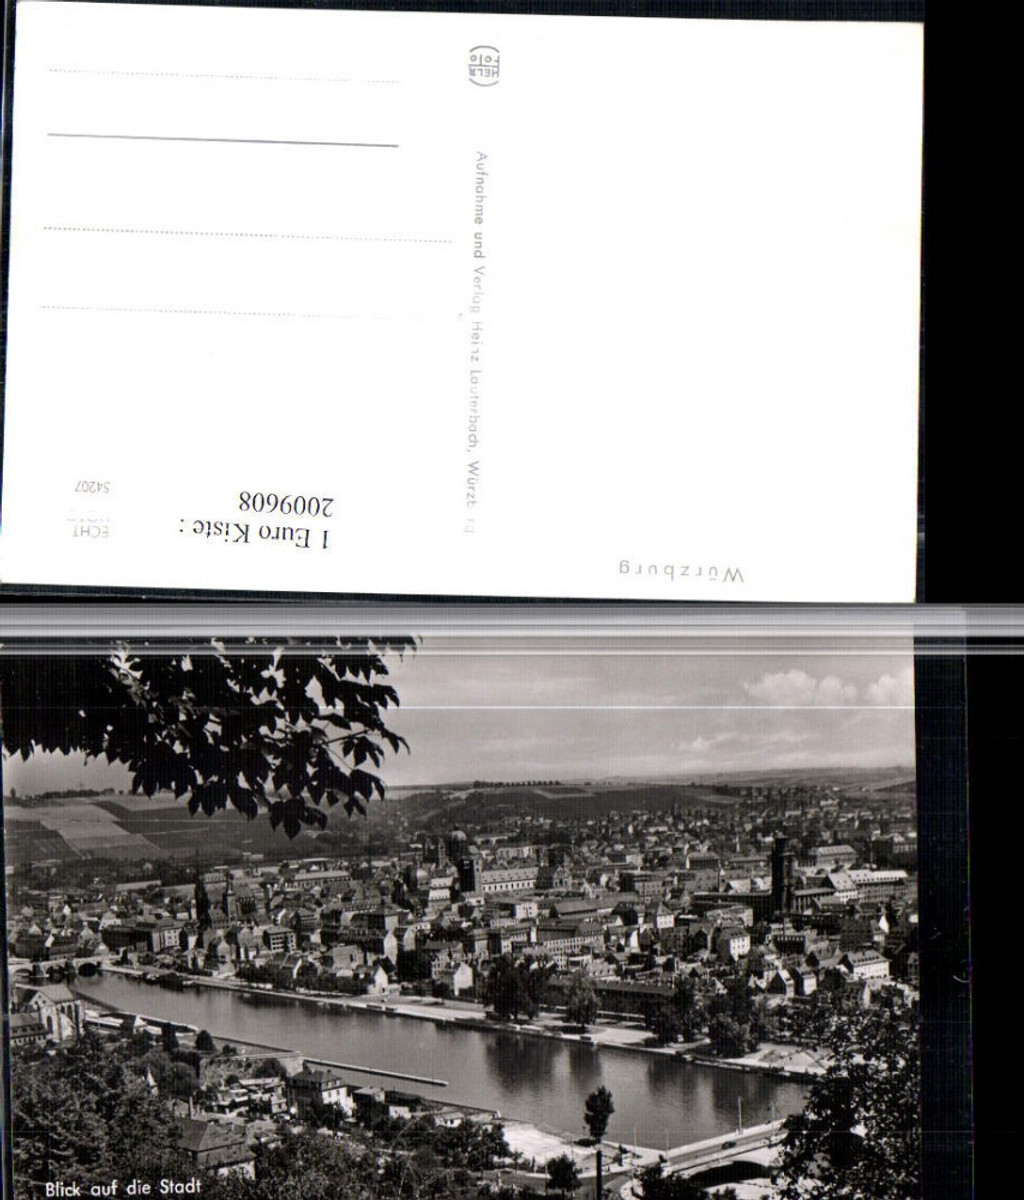 2009608,Würzburg Totale günstig online kaufen